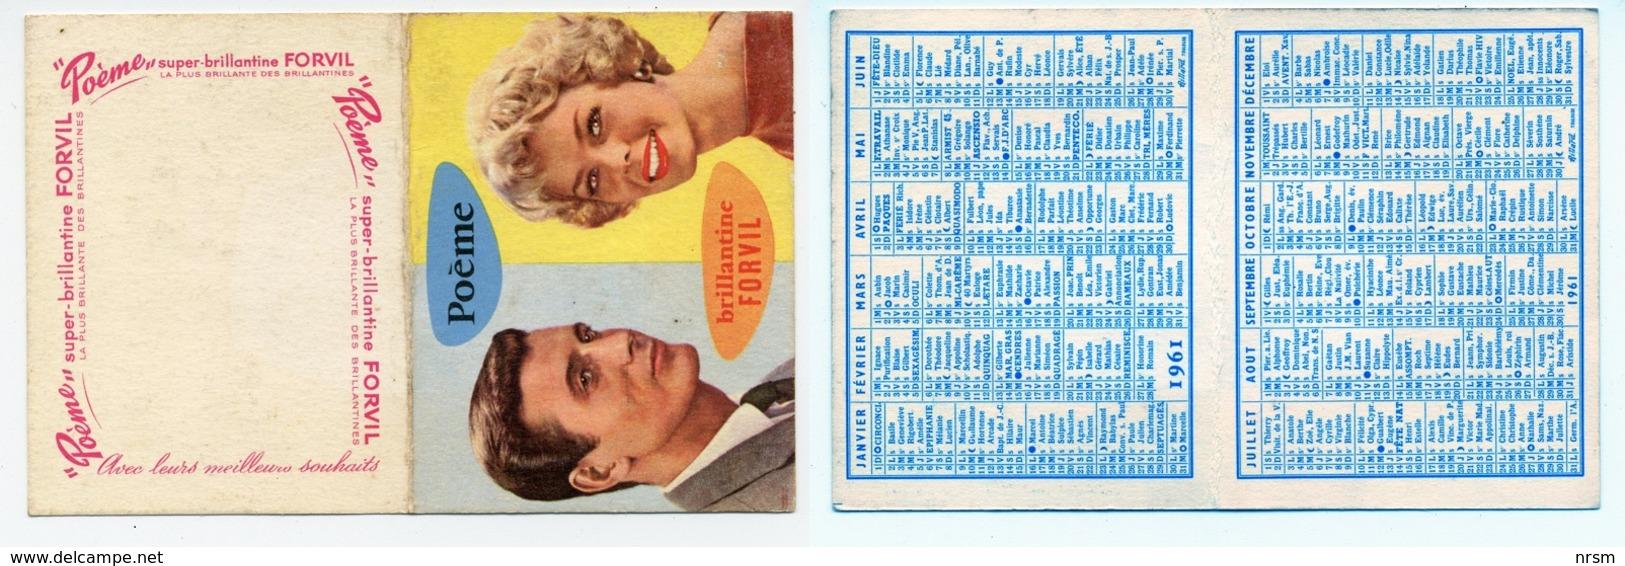 Calendrier 1961 / Brillantine Forvil / Poème - Calendriers